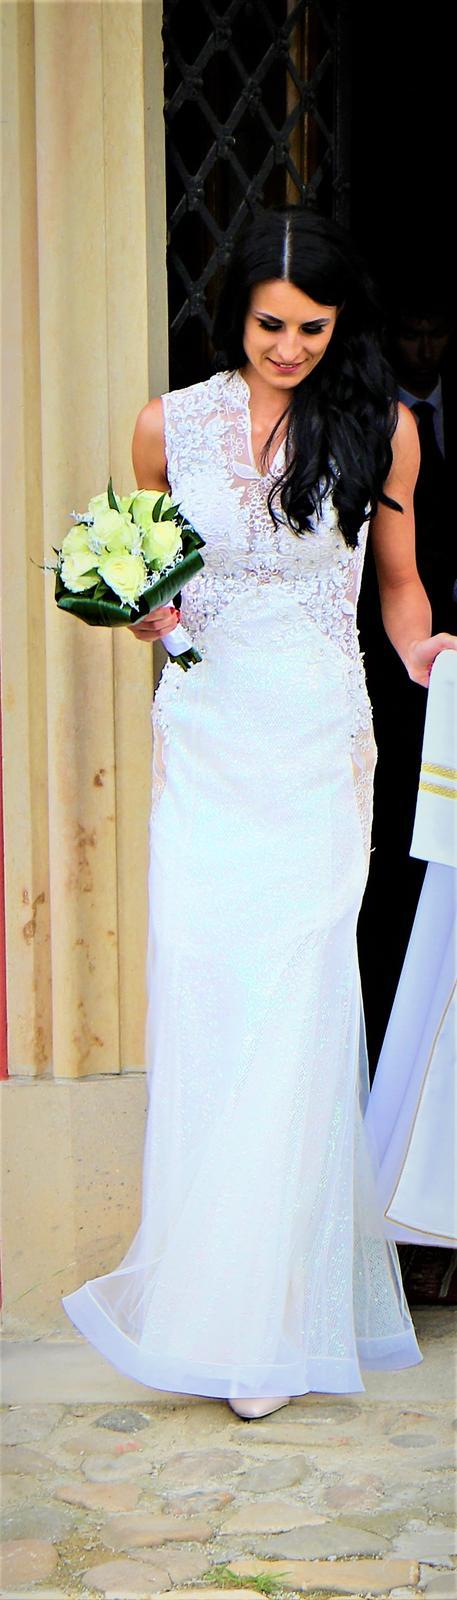 Svadobné šaty- Popolnočné šaty  - Obrázok č. 1